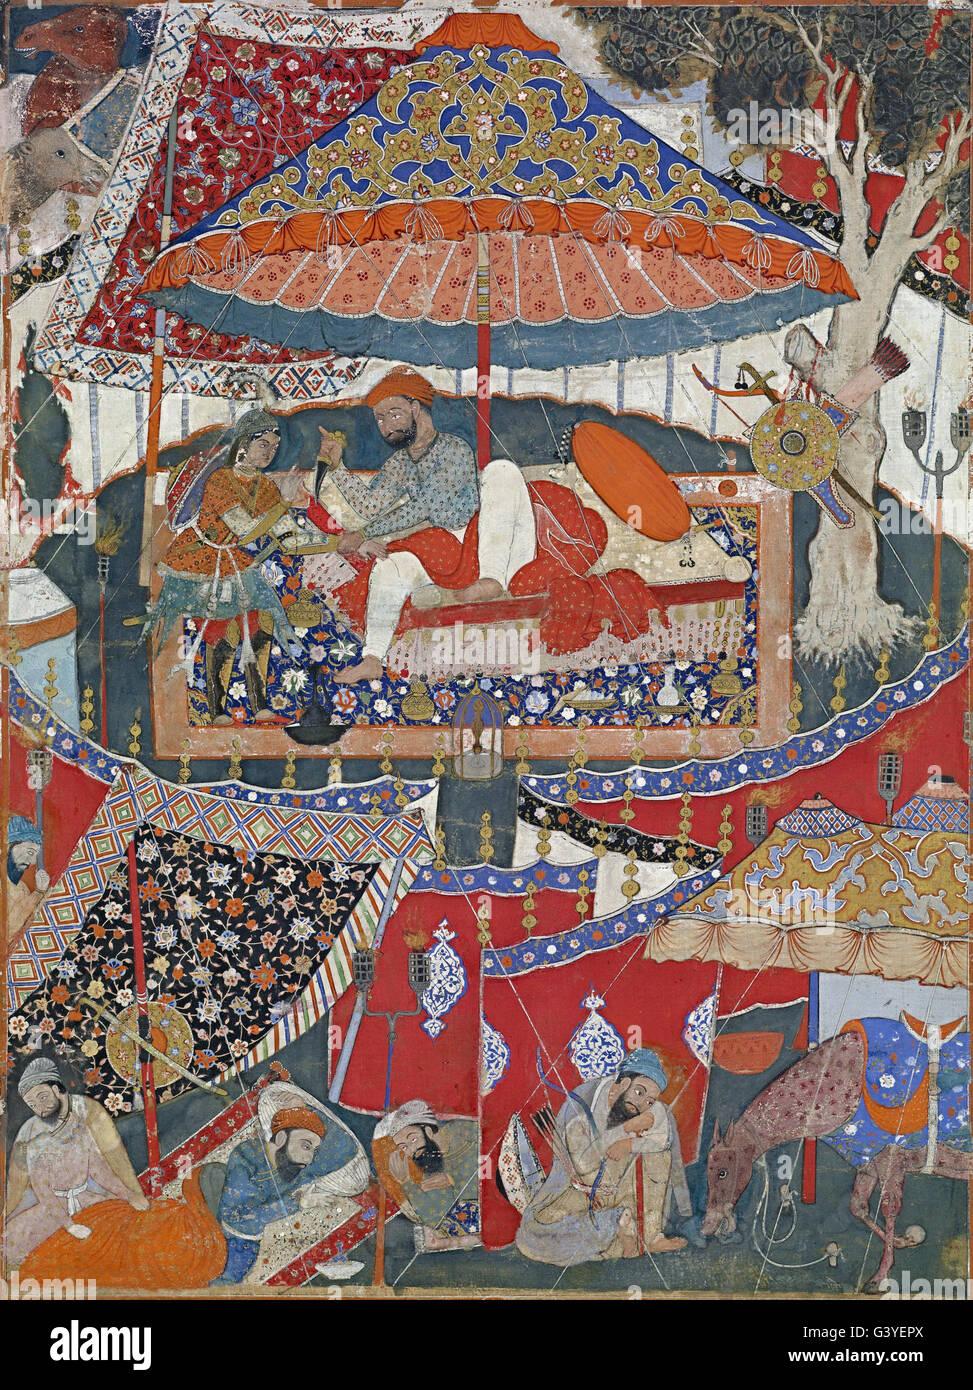 Mughal - A page of the Dastan-i Amir Hamza (Hamzanama) Stock Photo